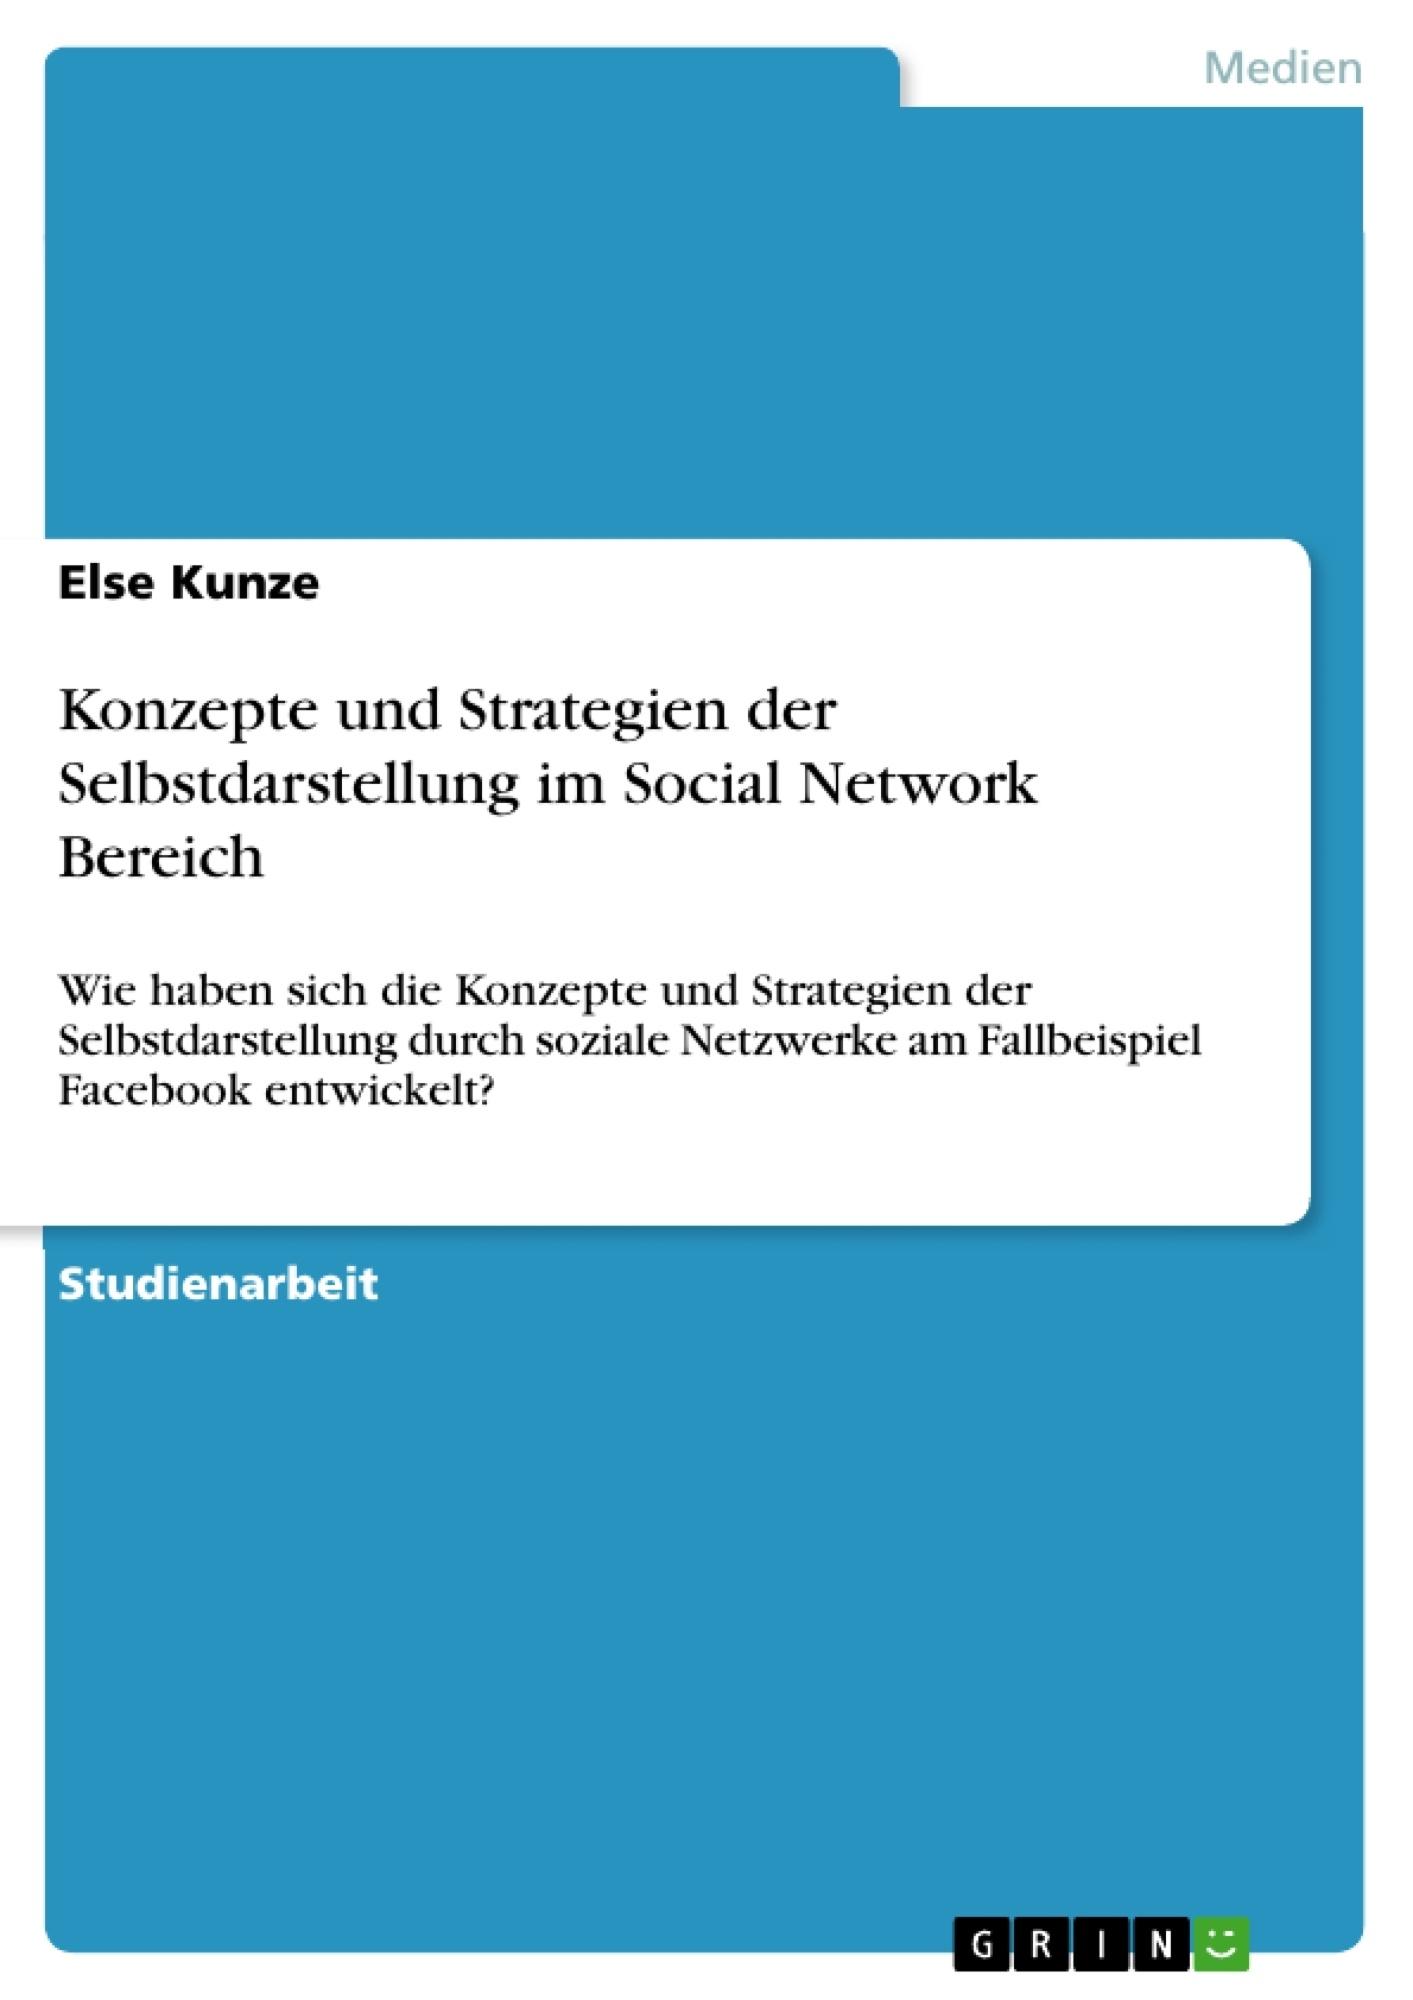 Titel: Konzepte und Strategien der Selbstdarstellung im Social Network Bereich